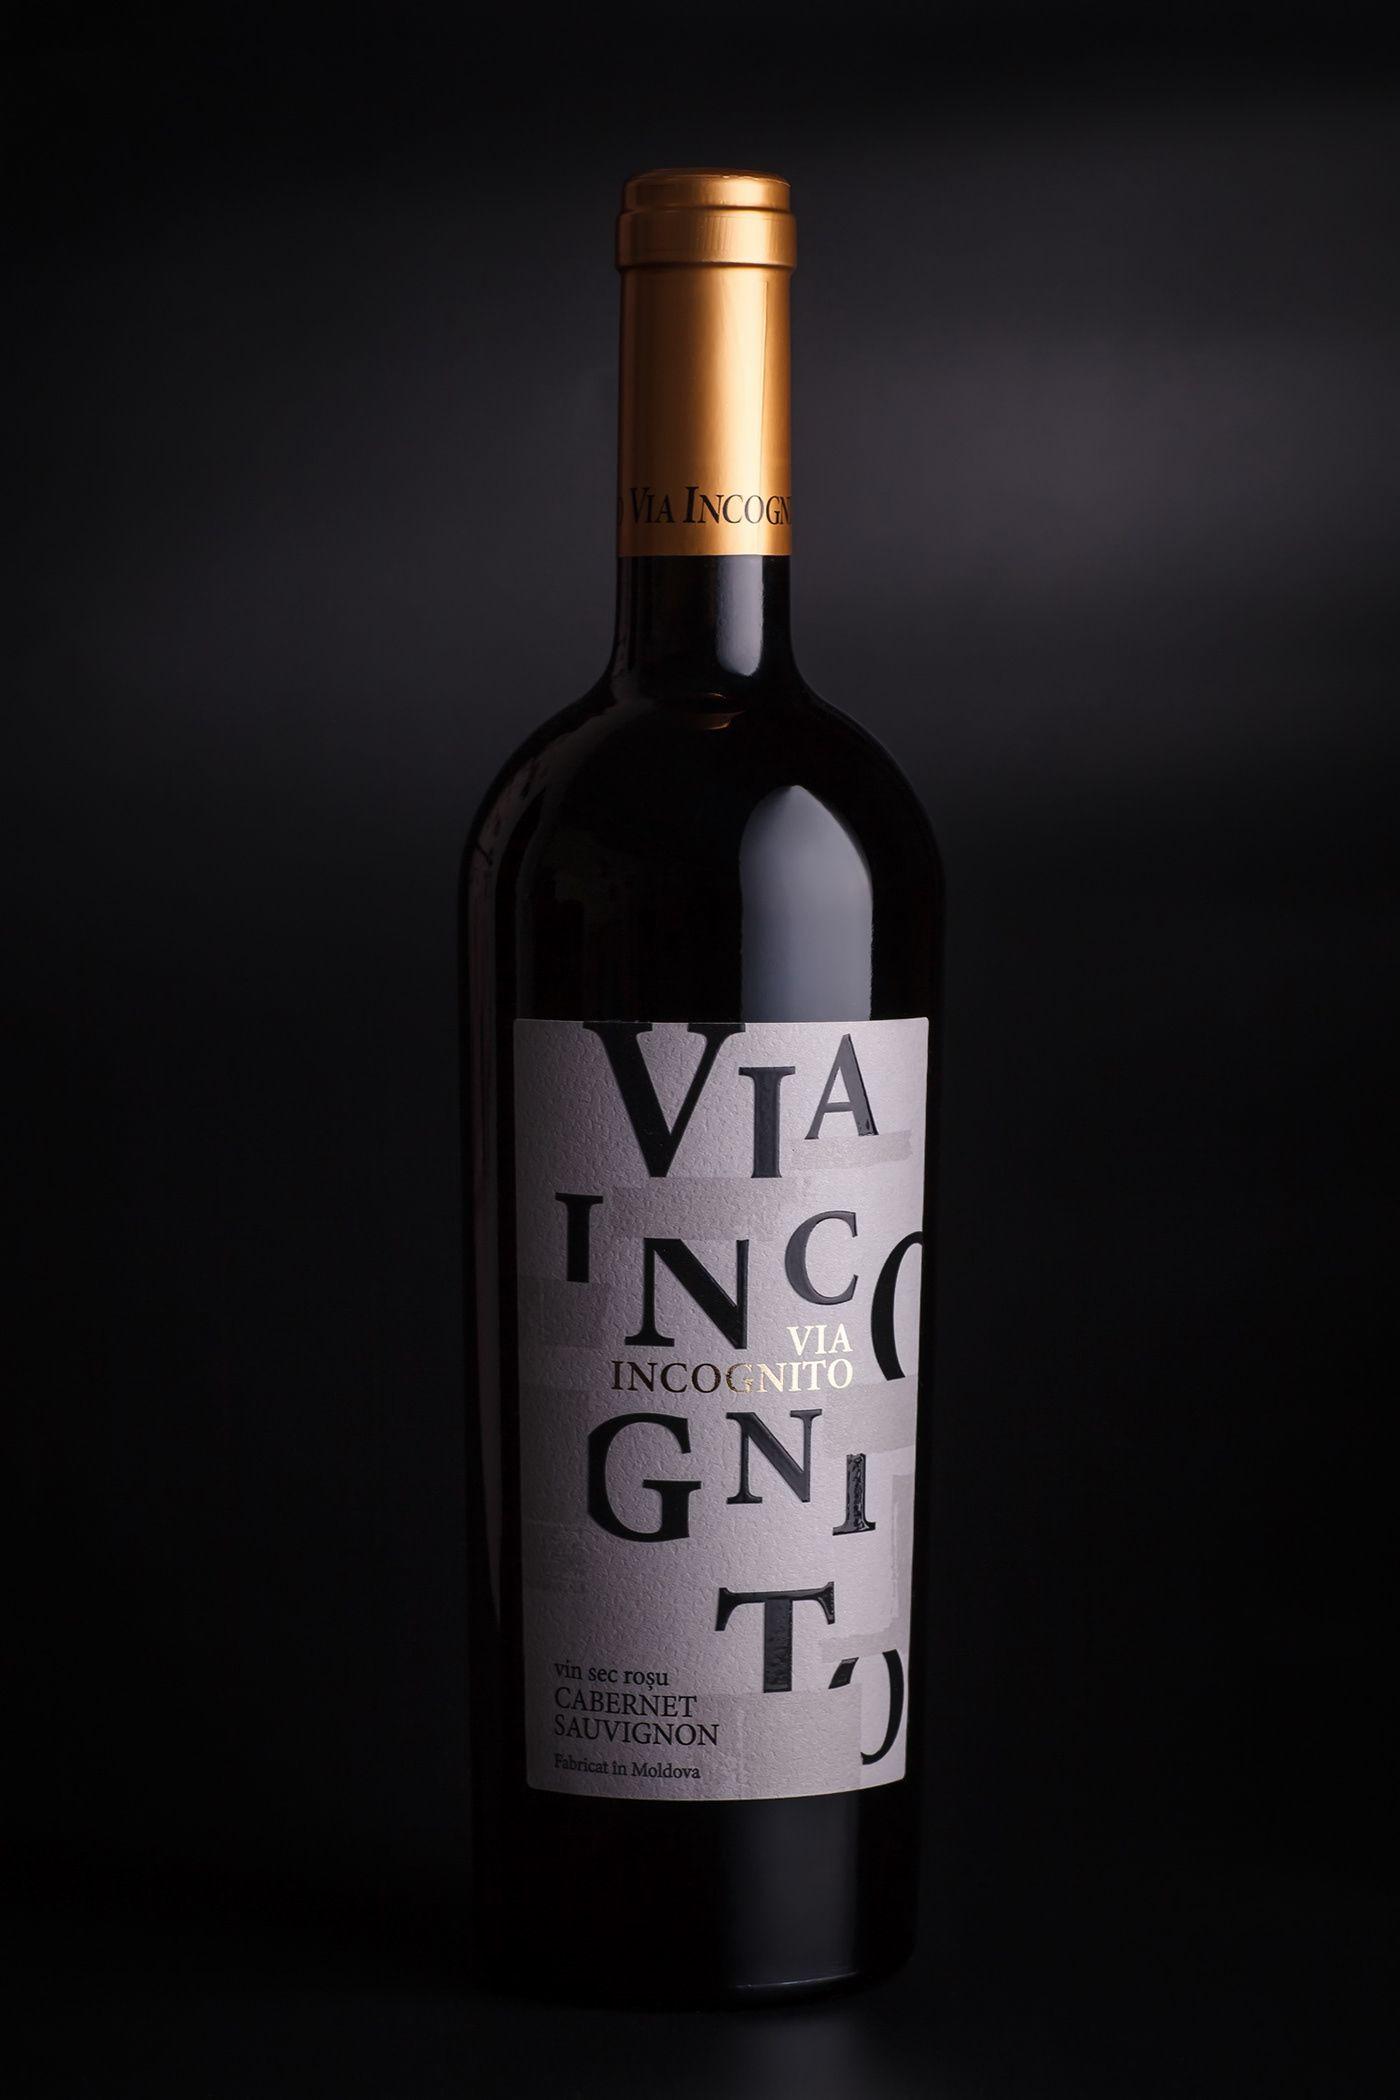 Modern Wine Label Design Via Incognito On Behance Modern Wine Labels Label Design Wine Label Design